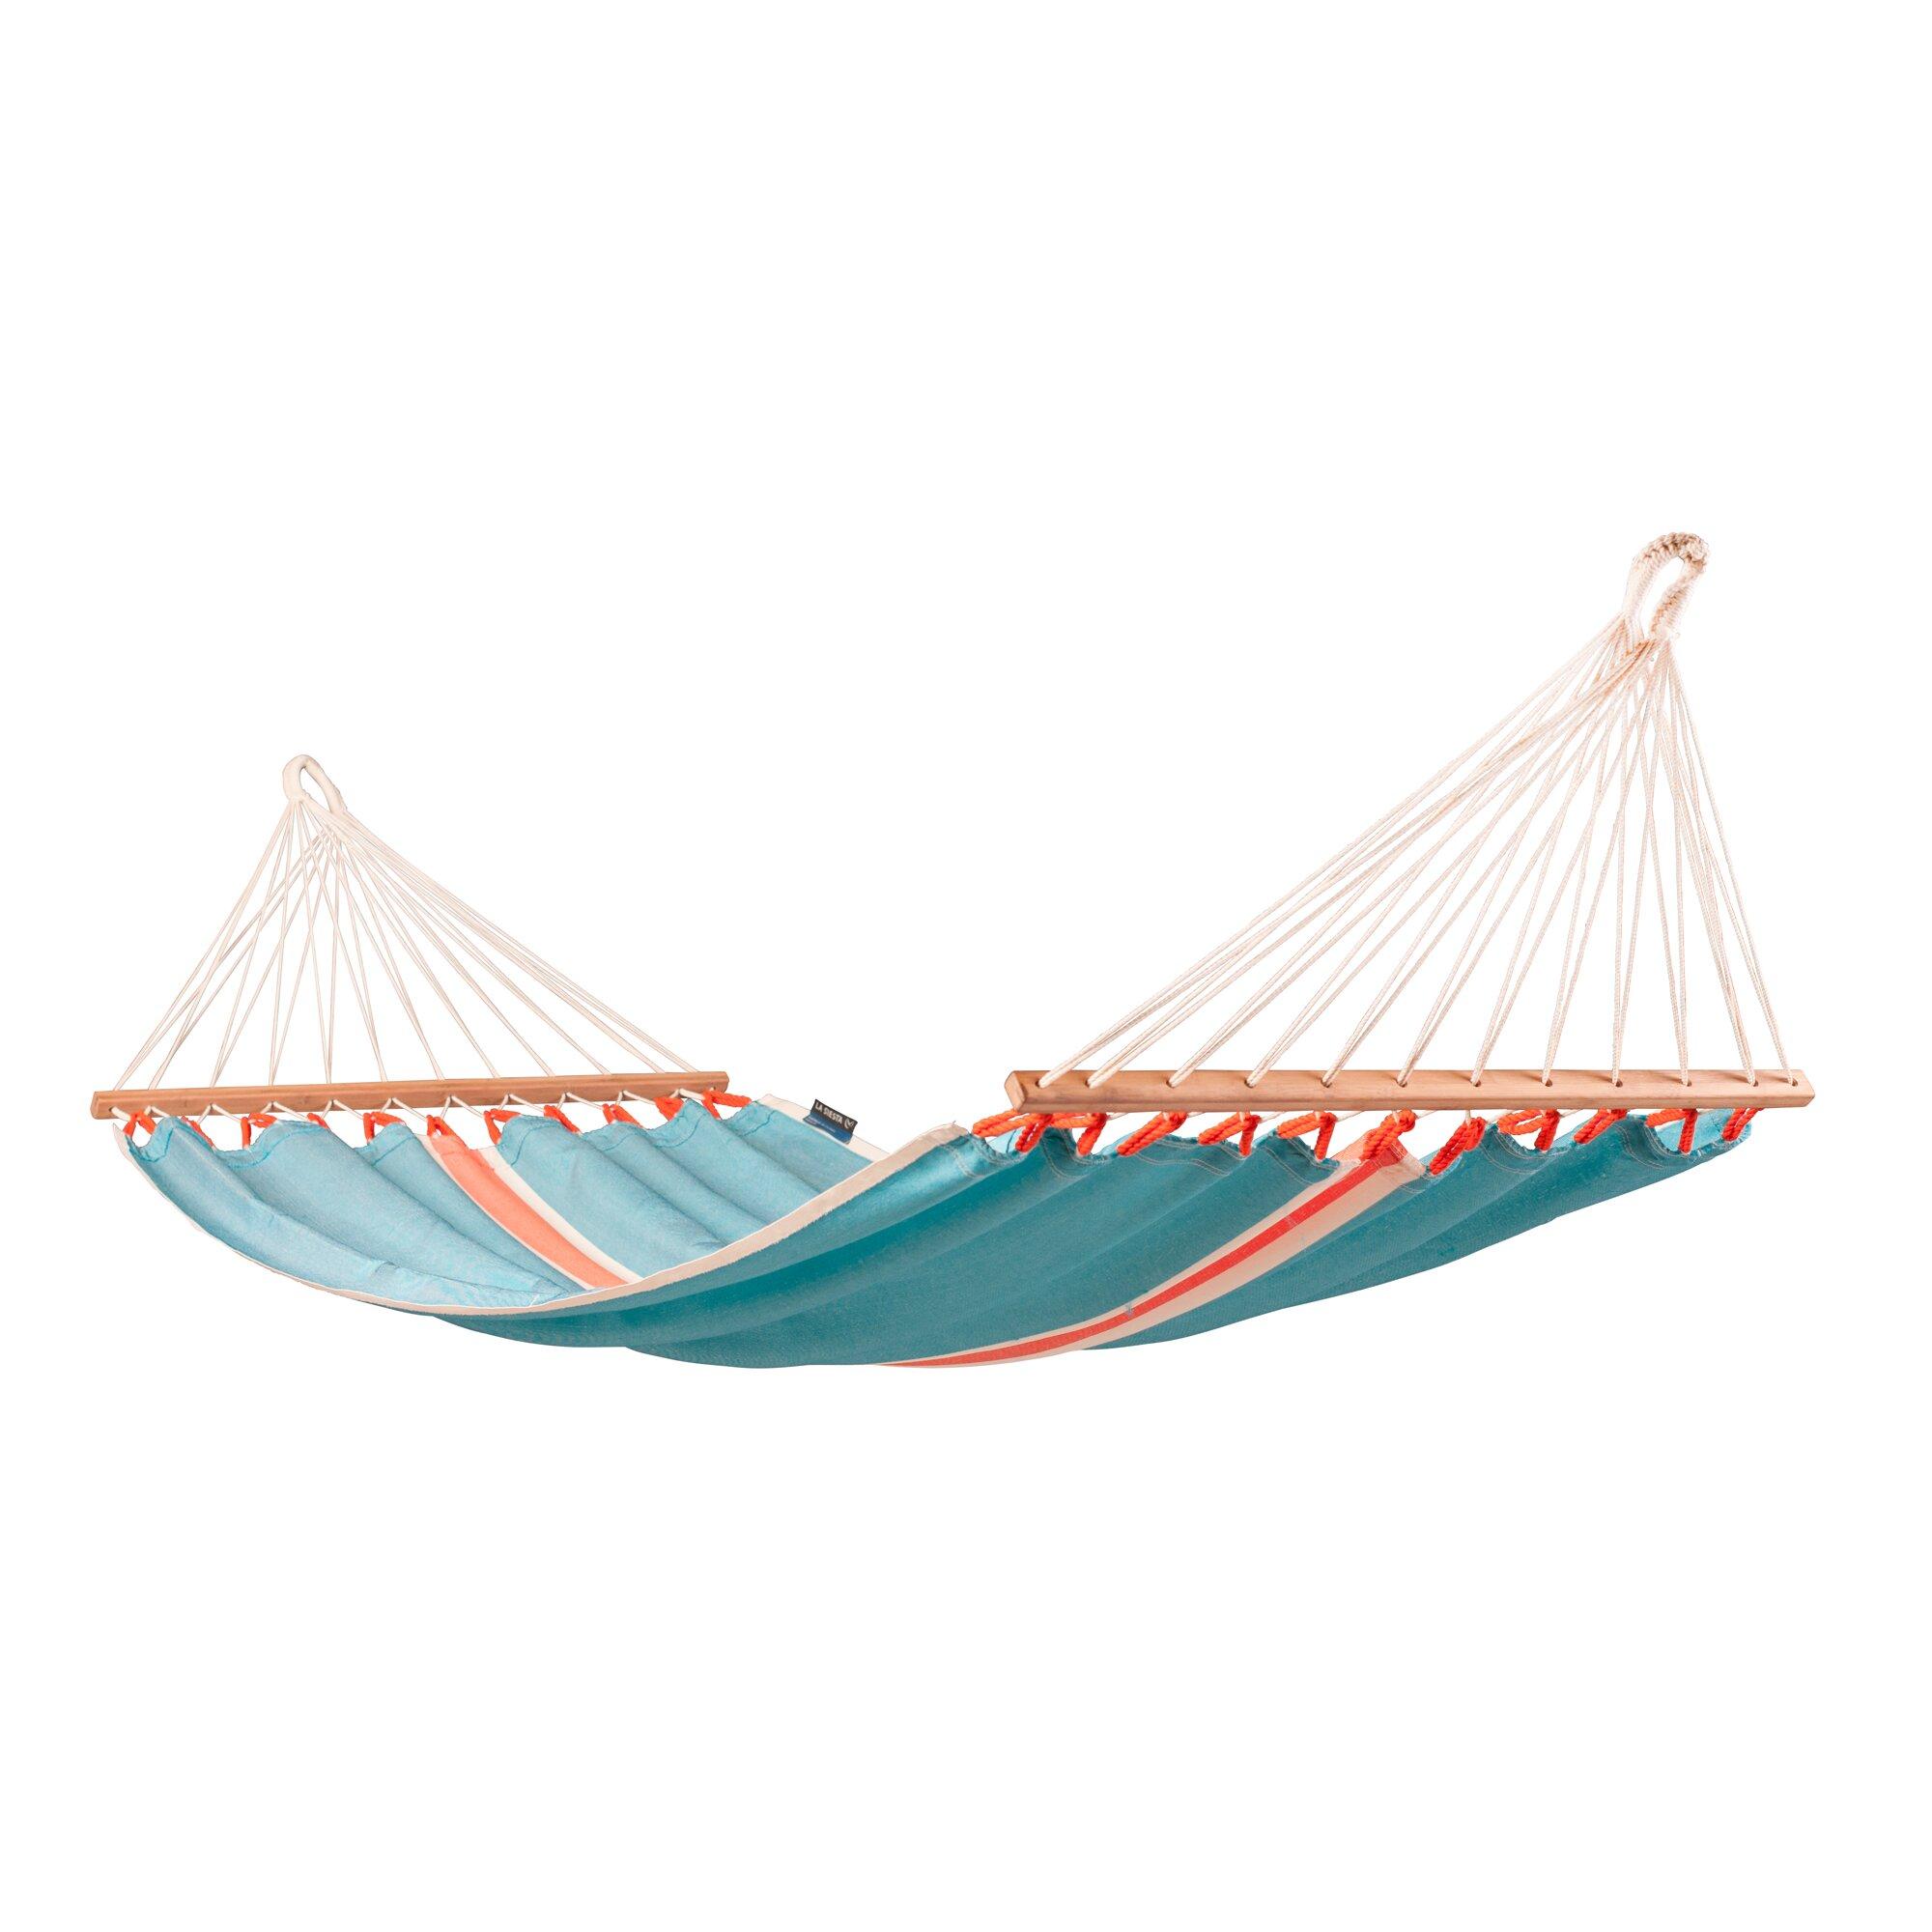 Single spreader bar hammock